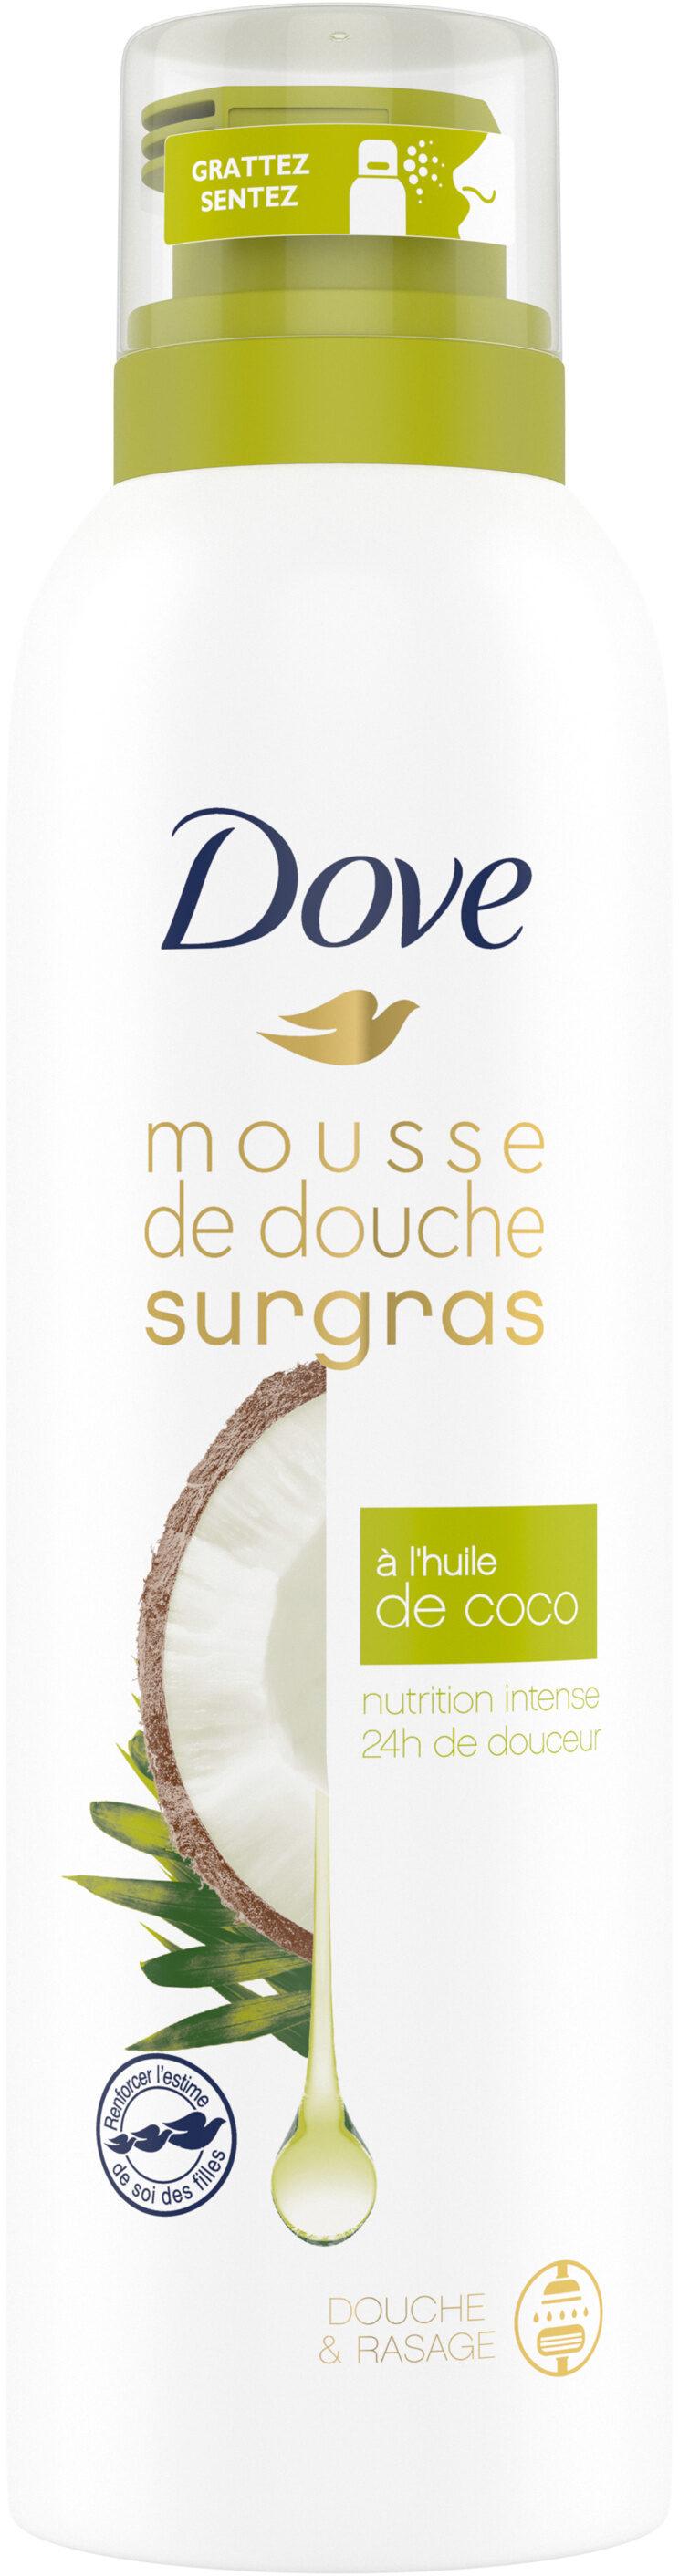 Dove Surgras Gel Douche Mousse Nourissante Infusée Huile de Coco - Product - fr